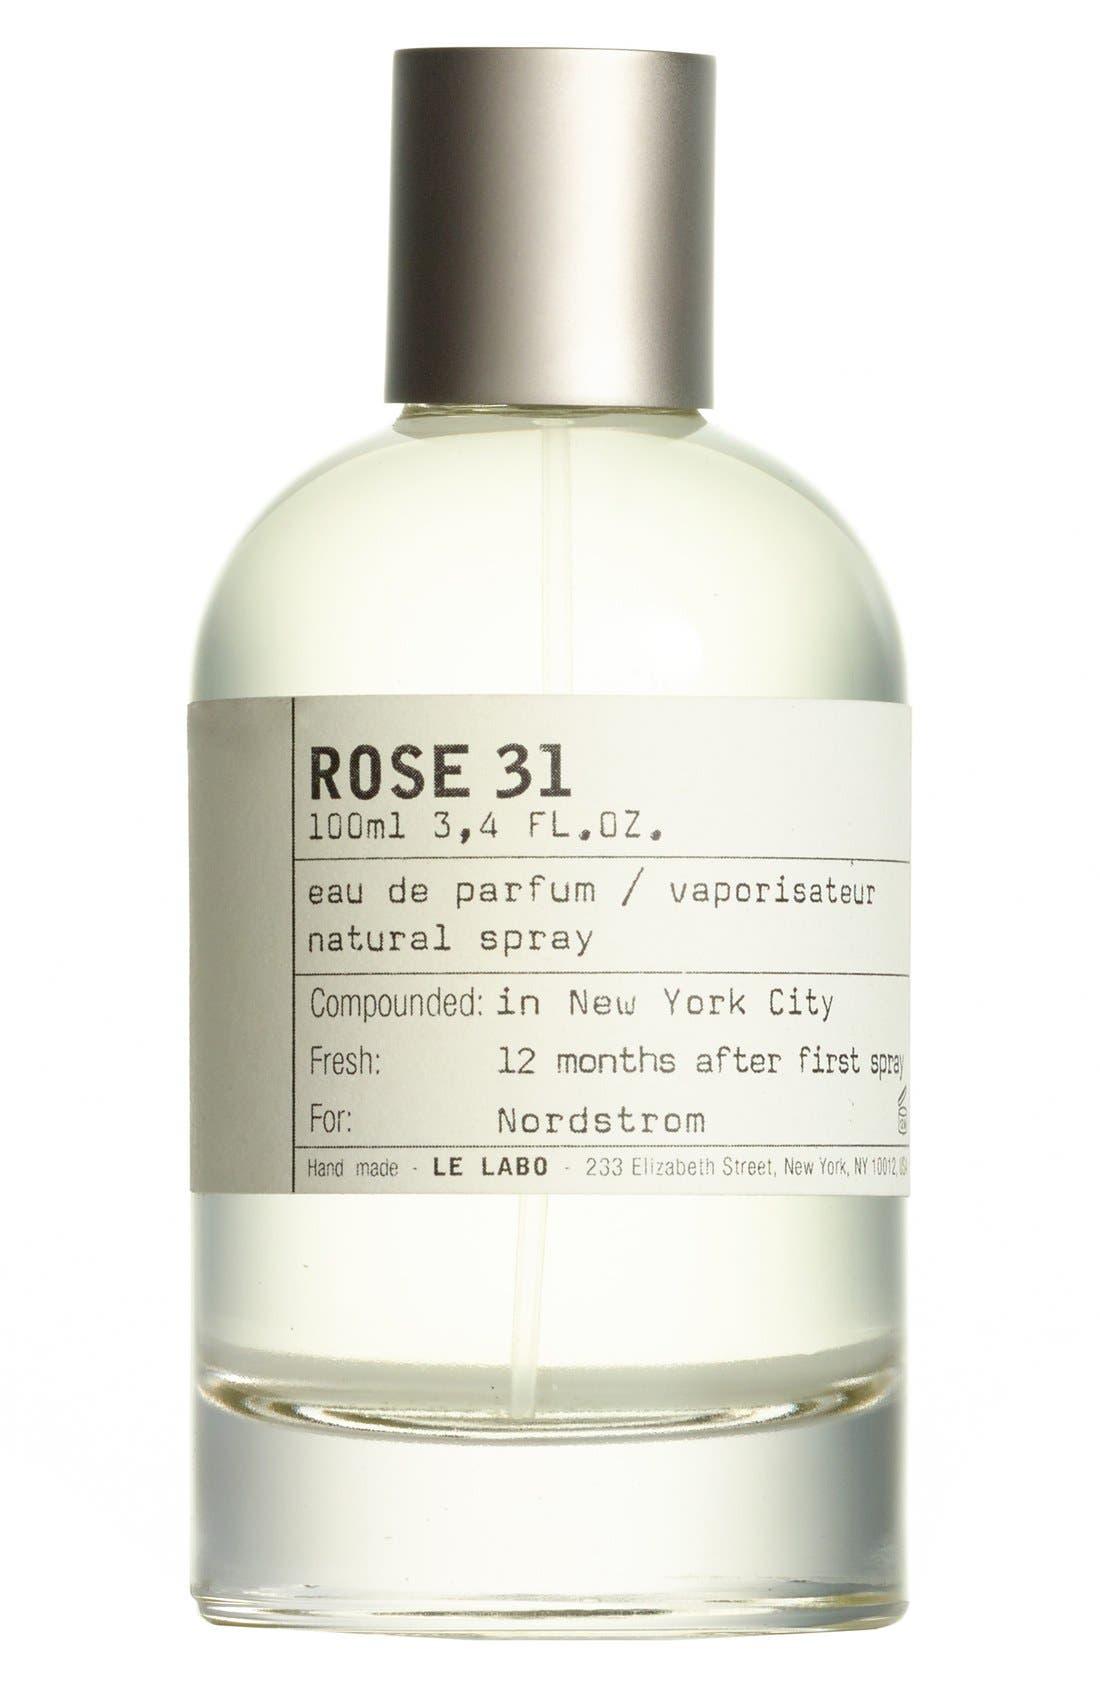 Le Labo 'Rose 31' Eau de Parfum